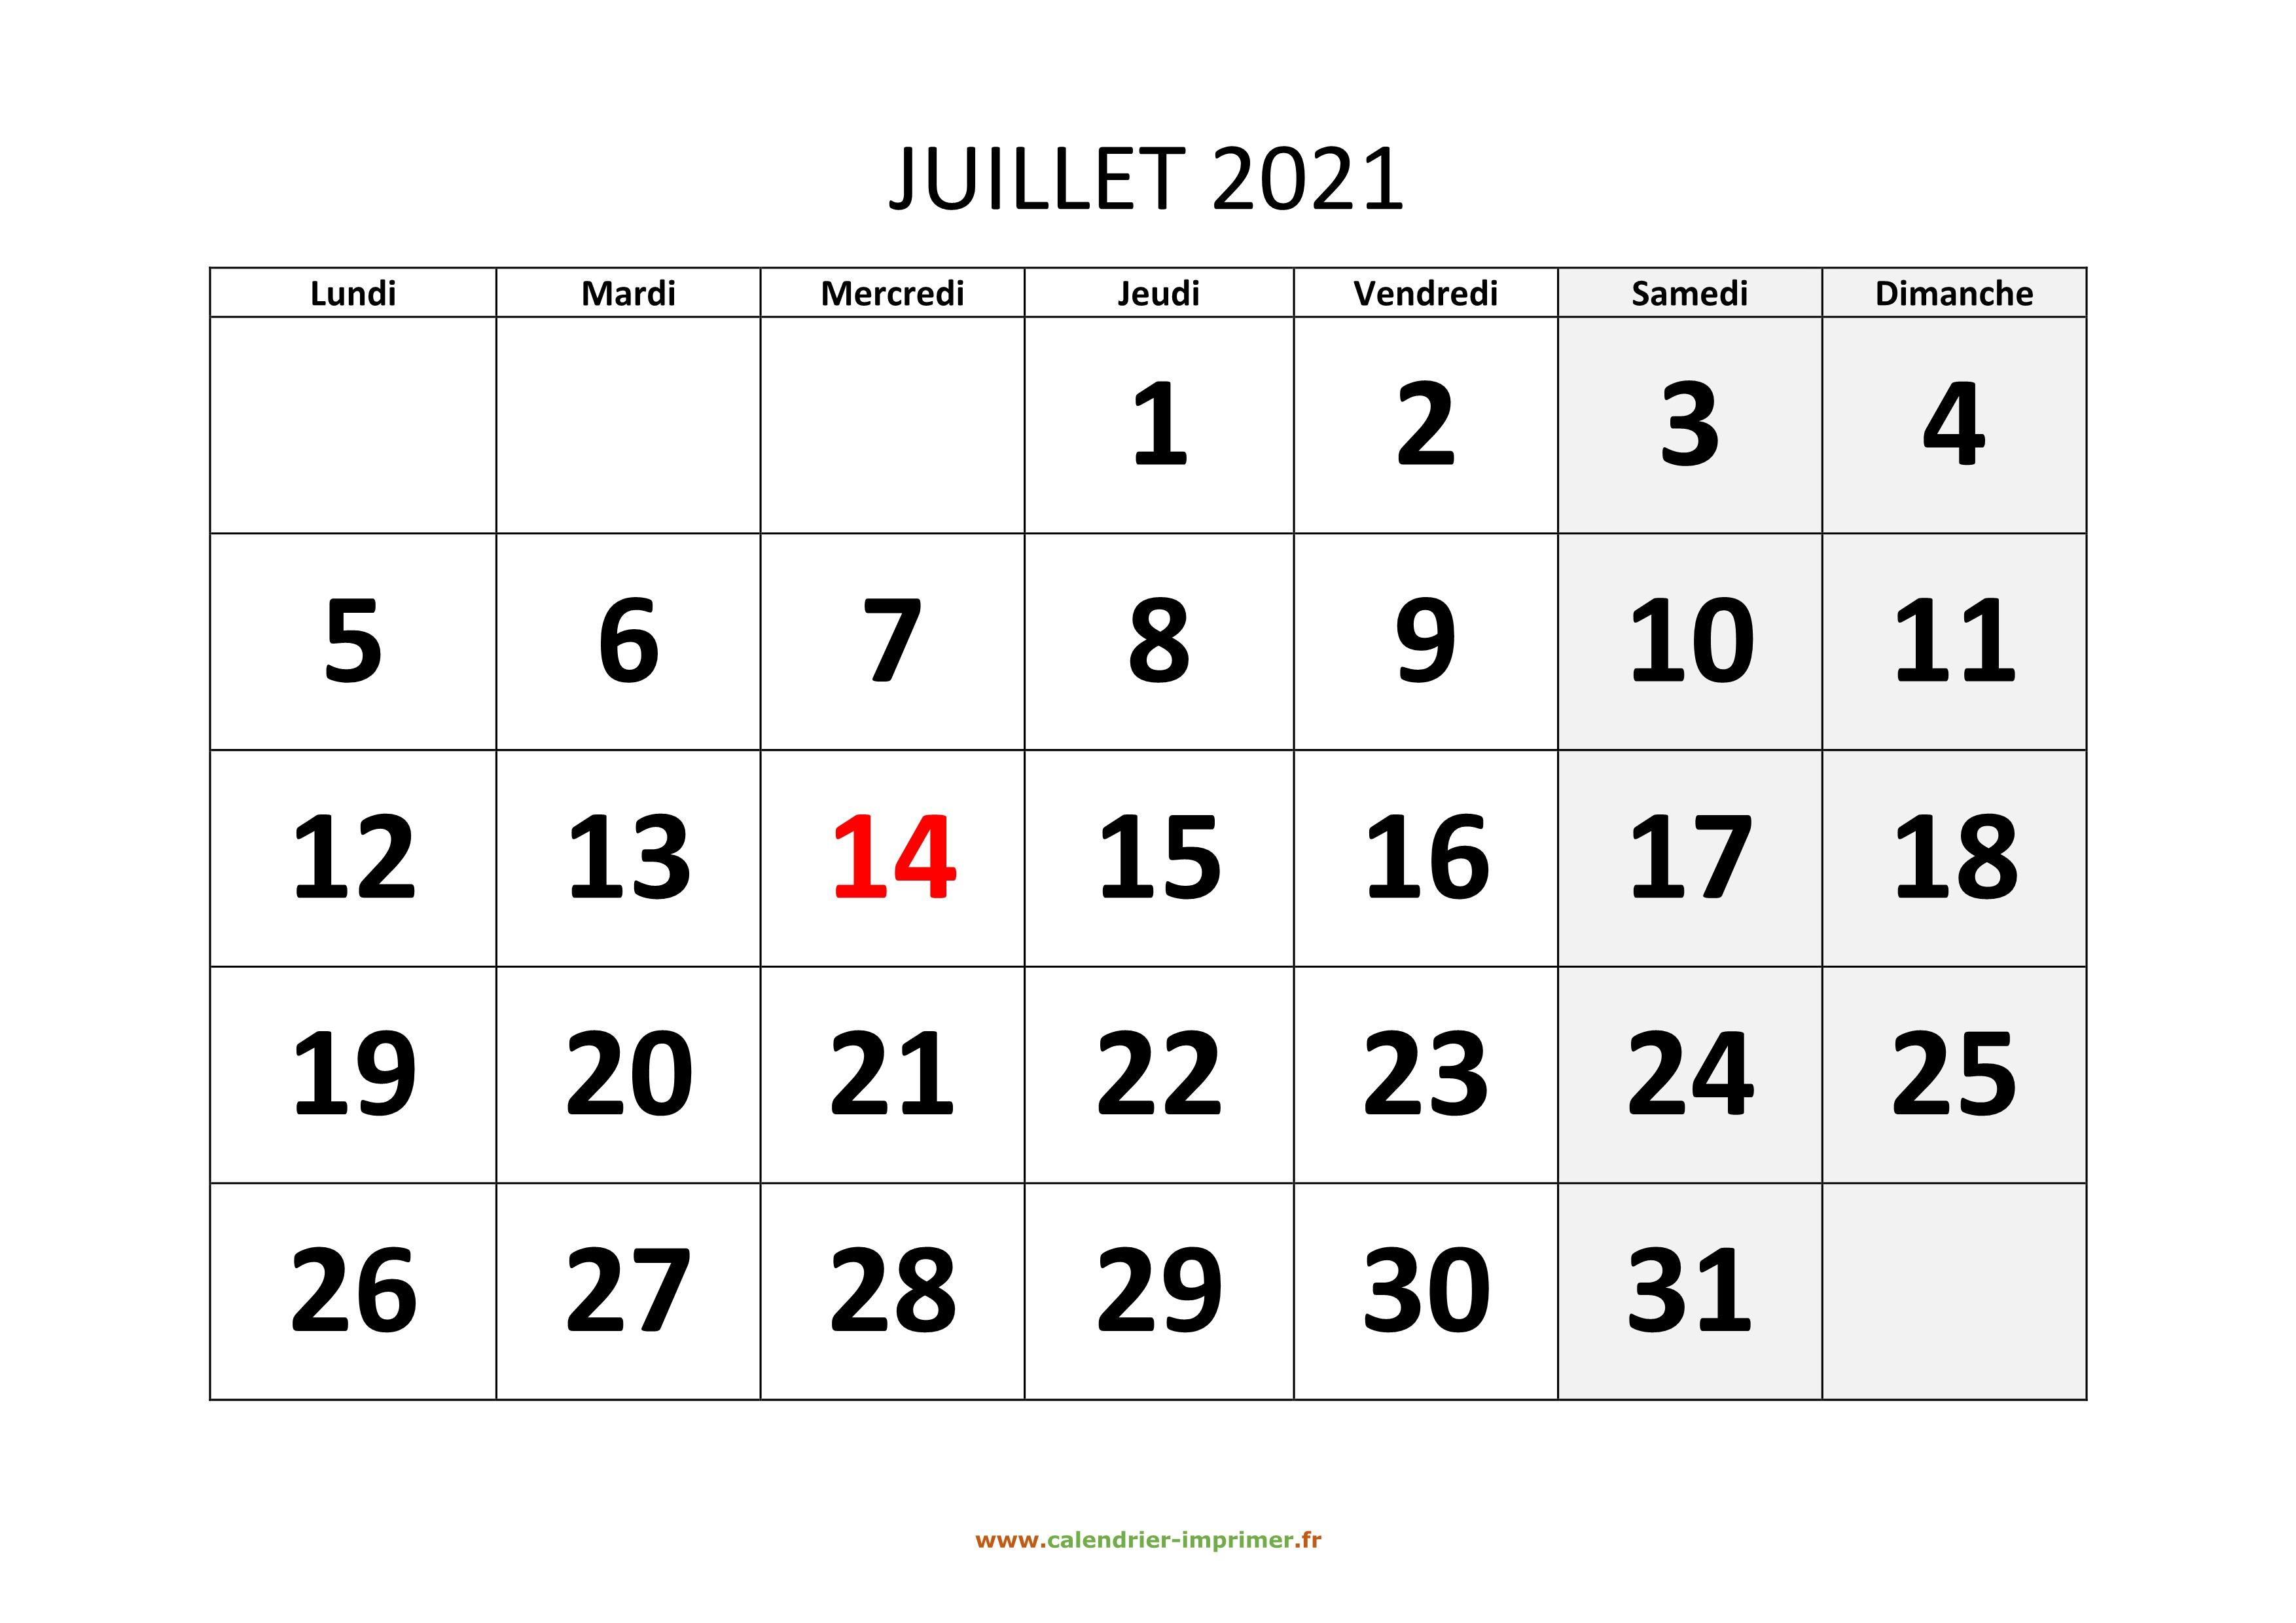 Calendrier Mois De Juillet 2021 Calendrier Juillet 2021 à imprimer